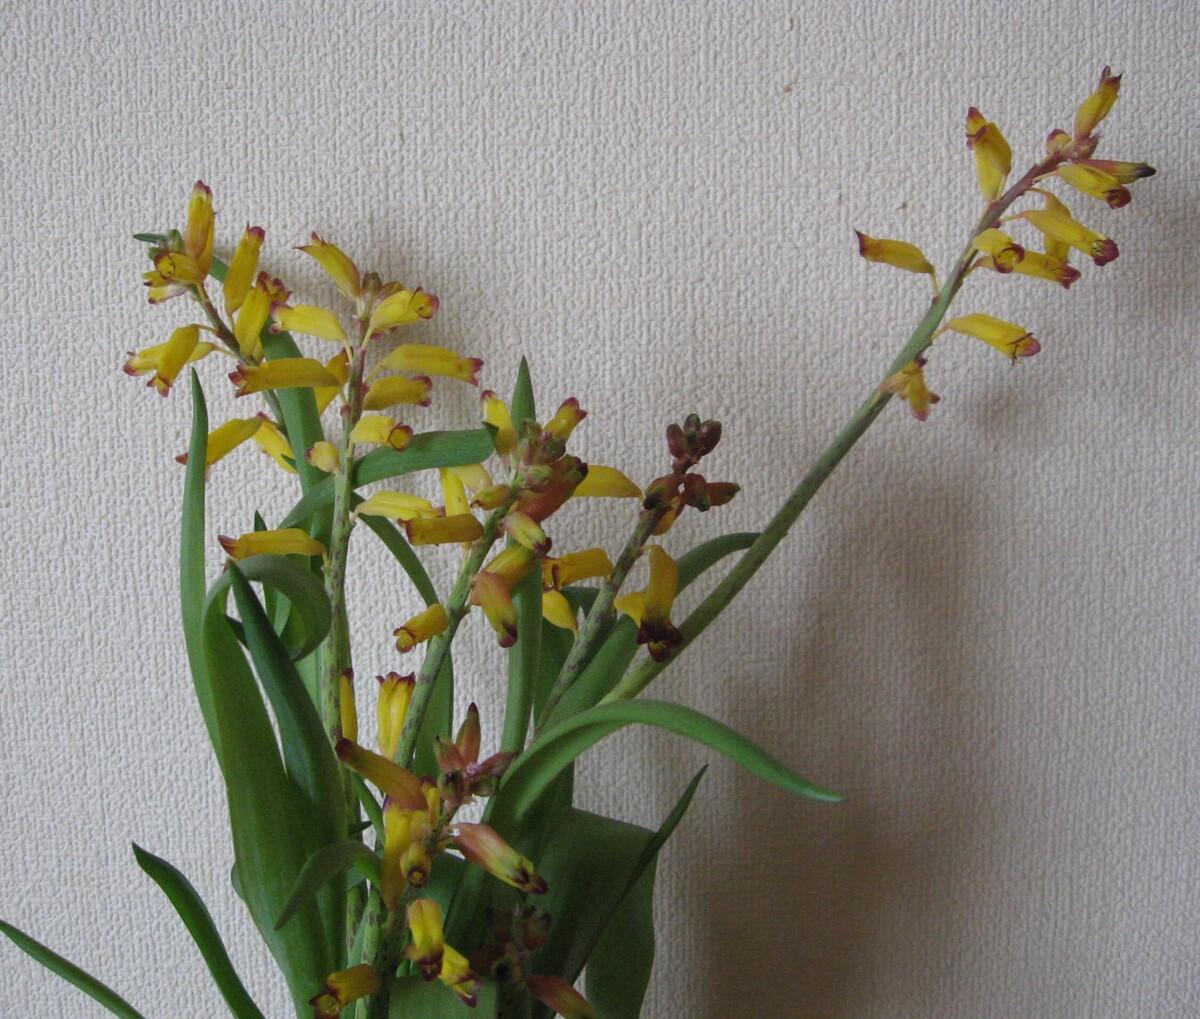 Самые дорогие комнатные цветы - названия с фото